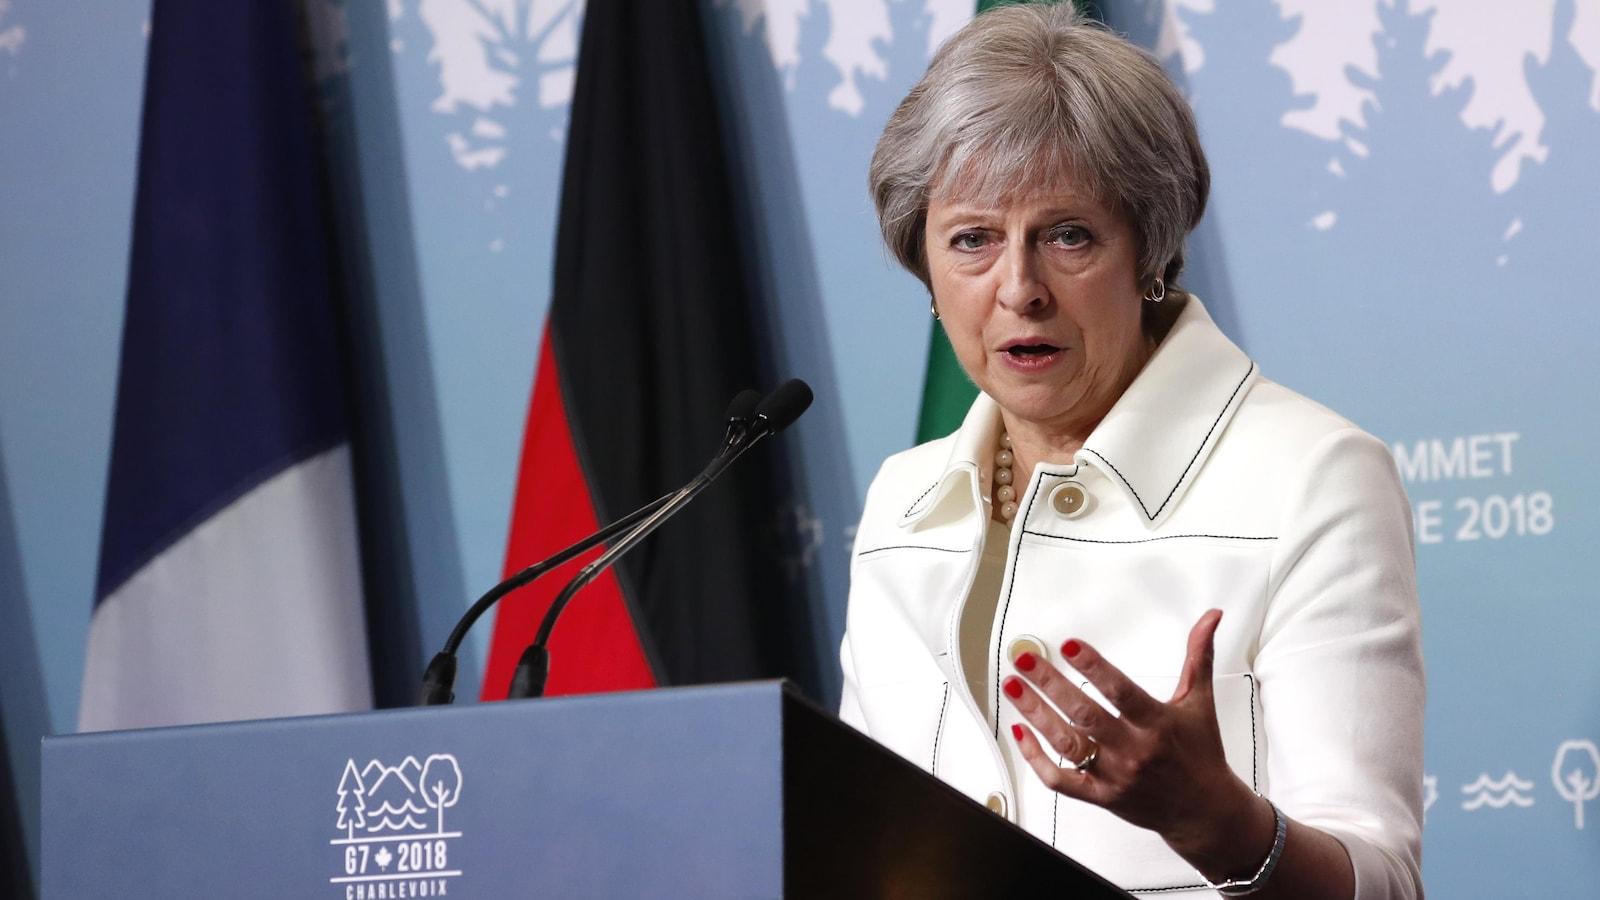 La première ministre britannique Theresa May lors du Sommet du G7 tenu à La Malbaie prend la parole derrière une tribune.